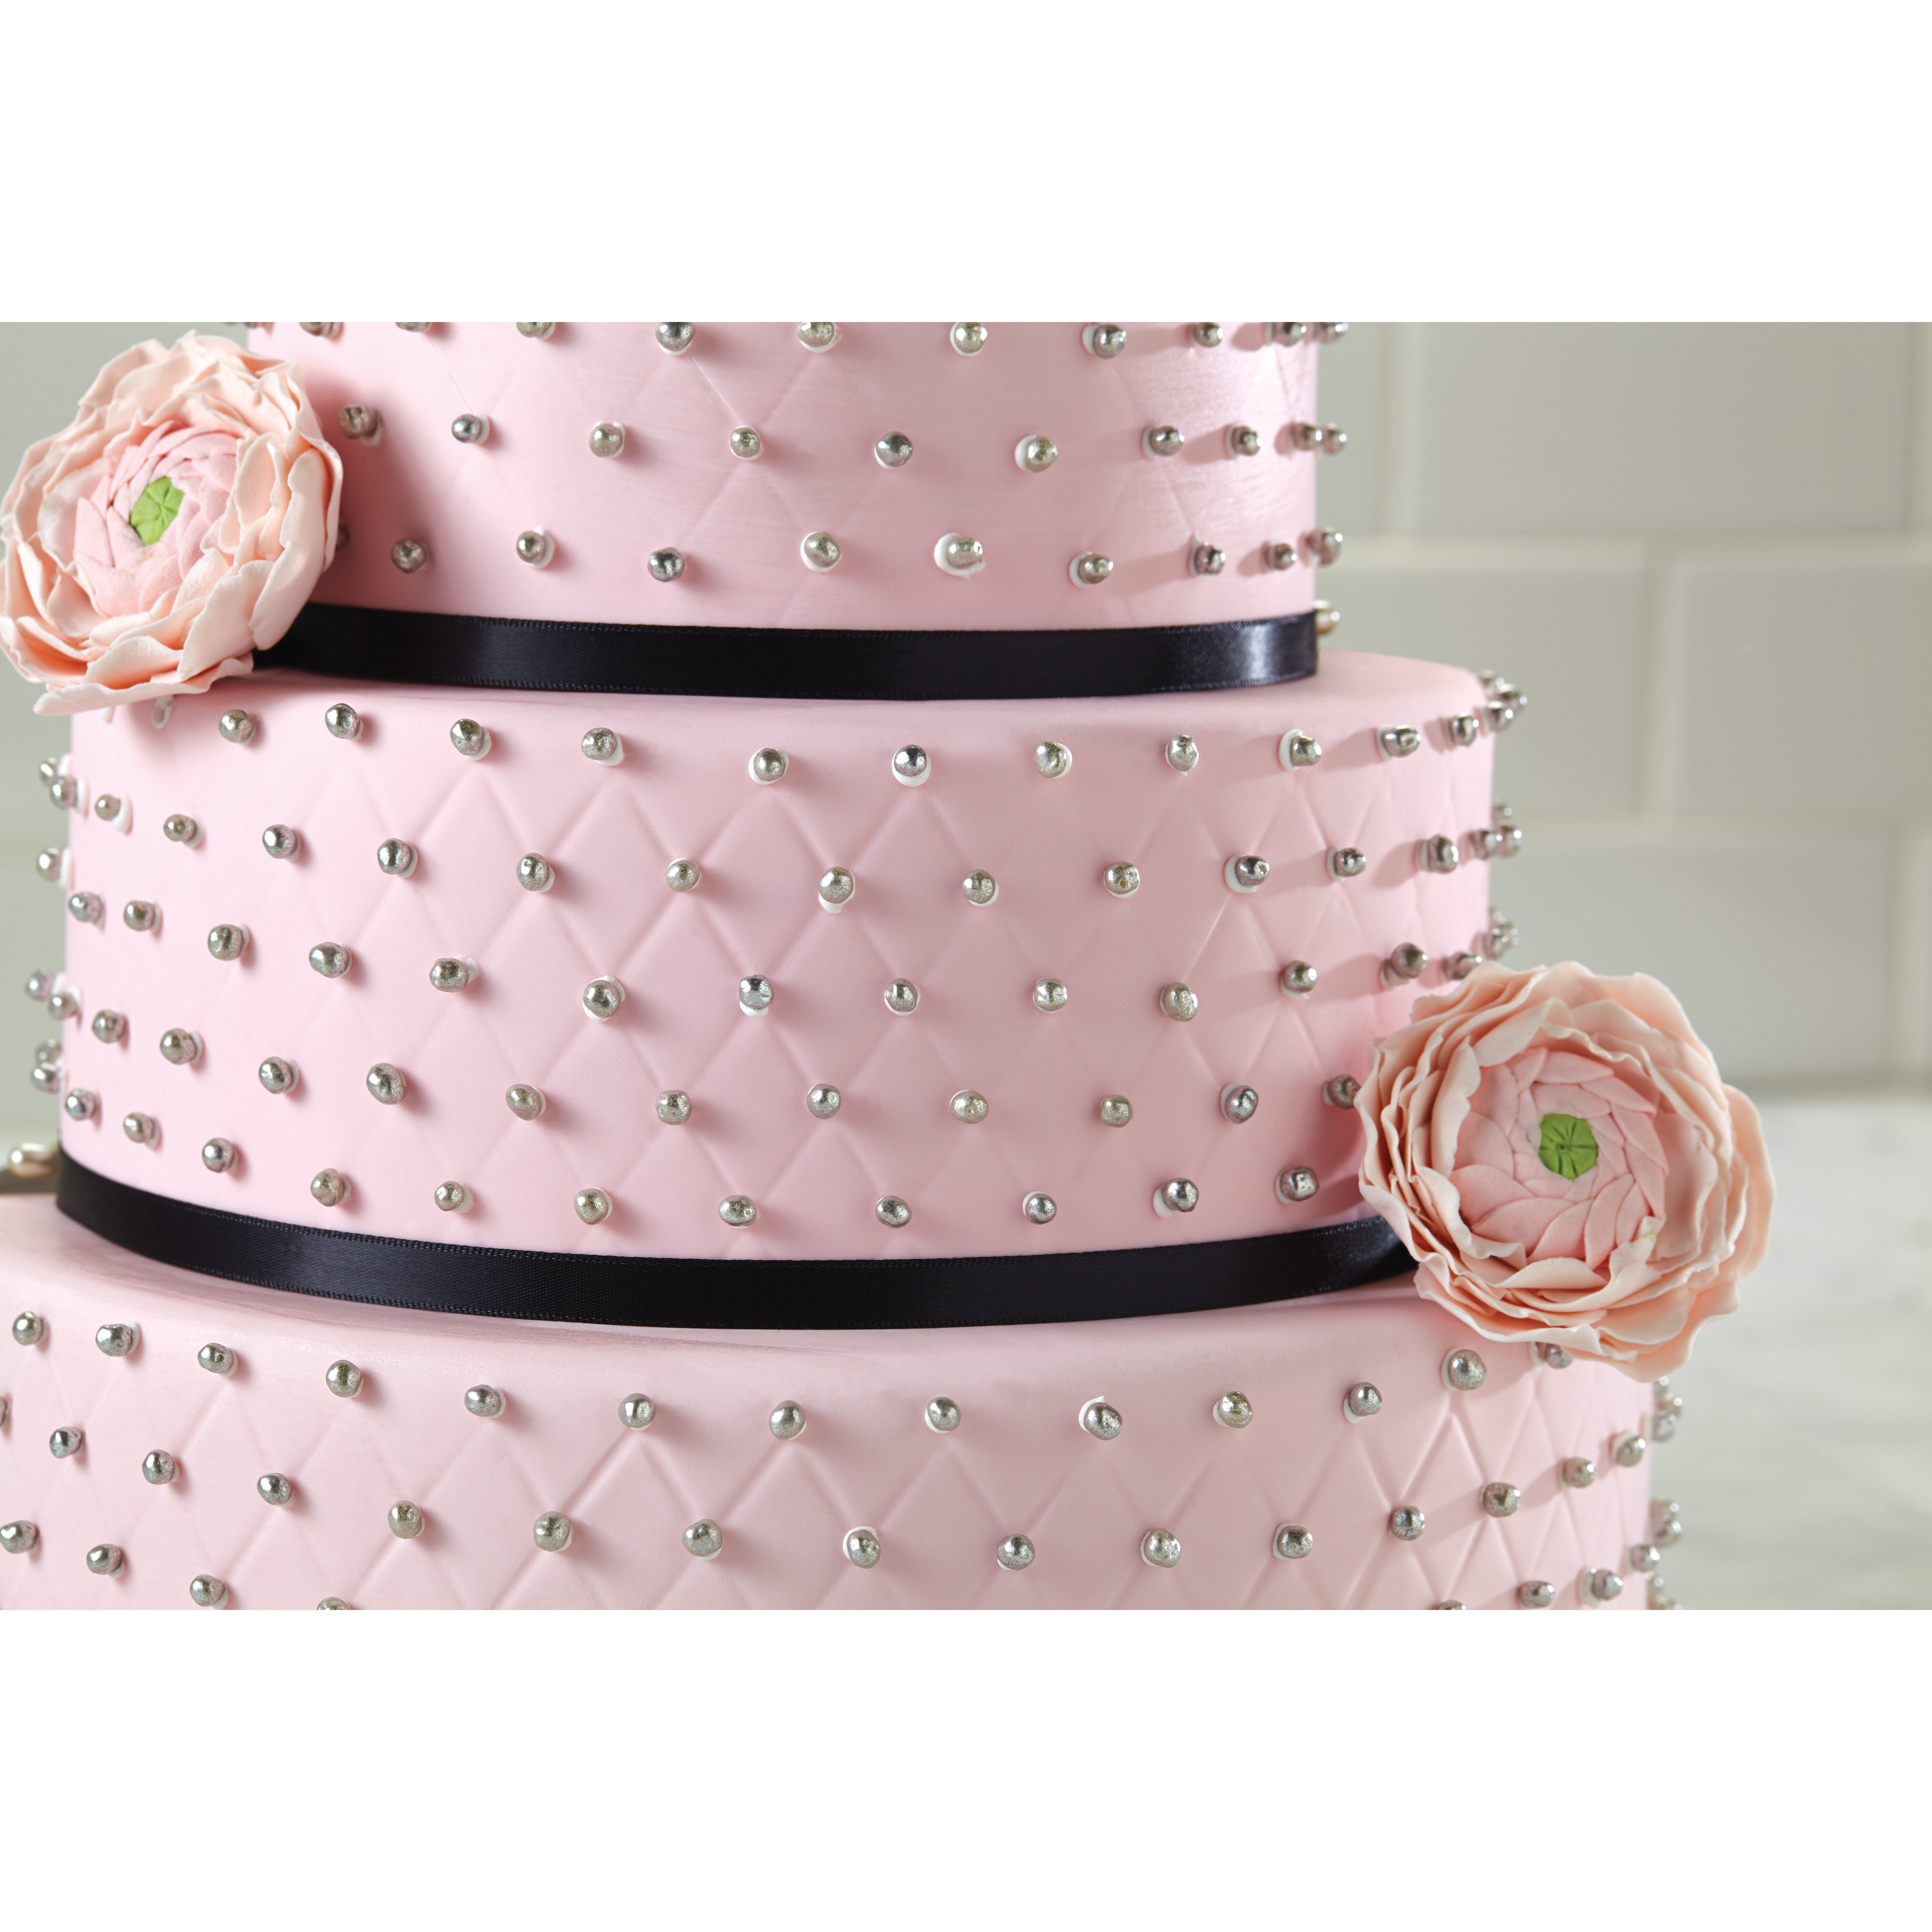 Cake Boss 4 Piece Quilted Fondant Imprint Mat Set